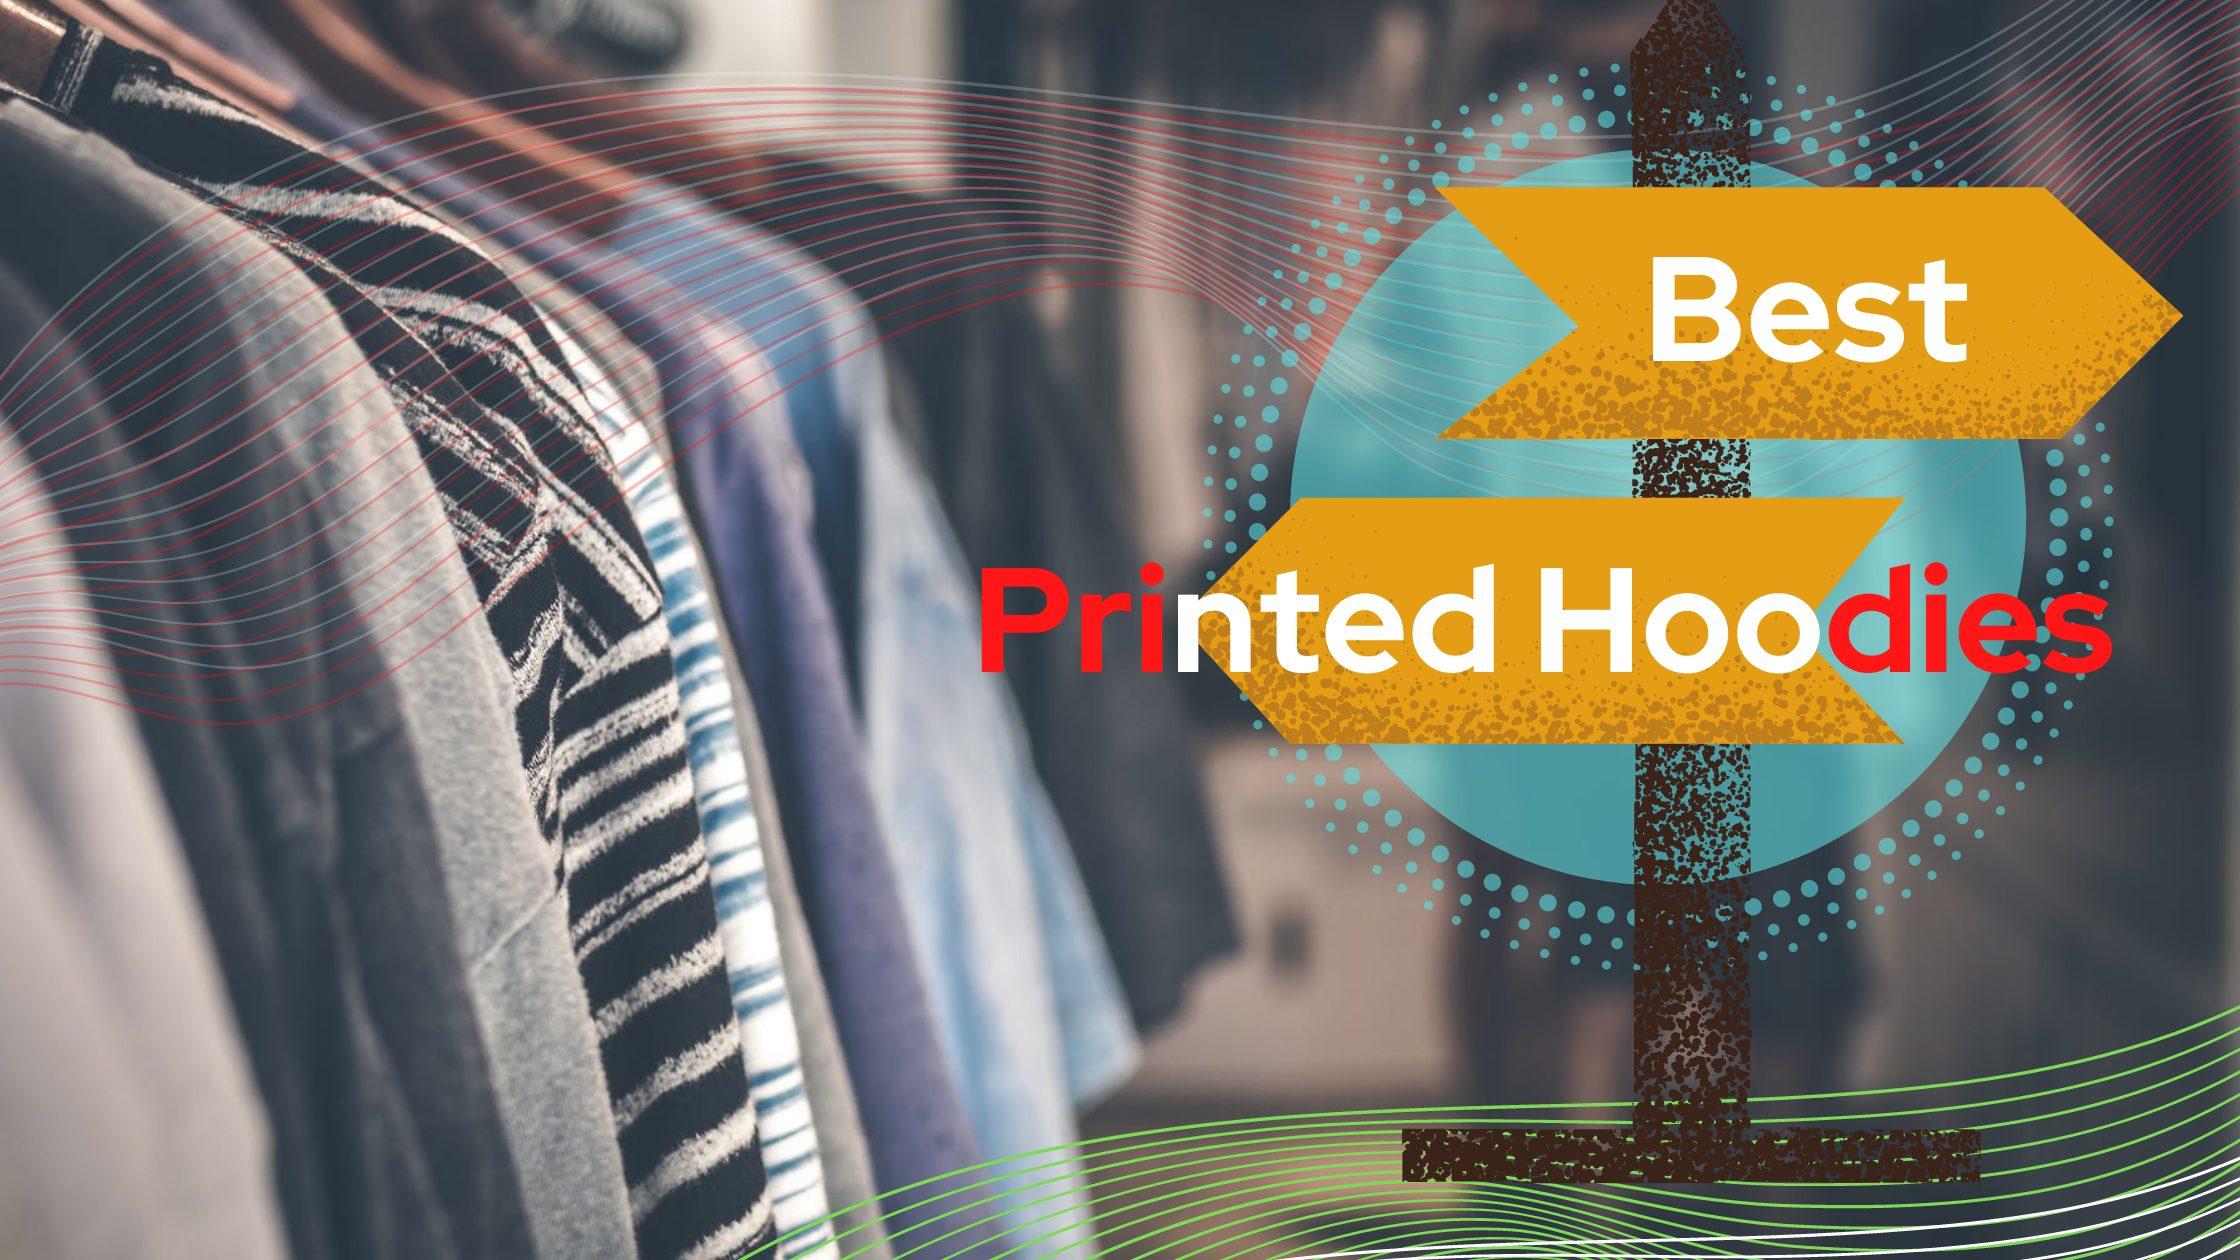 Best Printed Hoodies